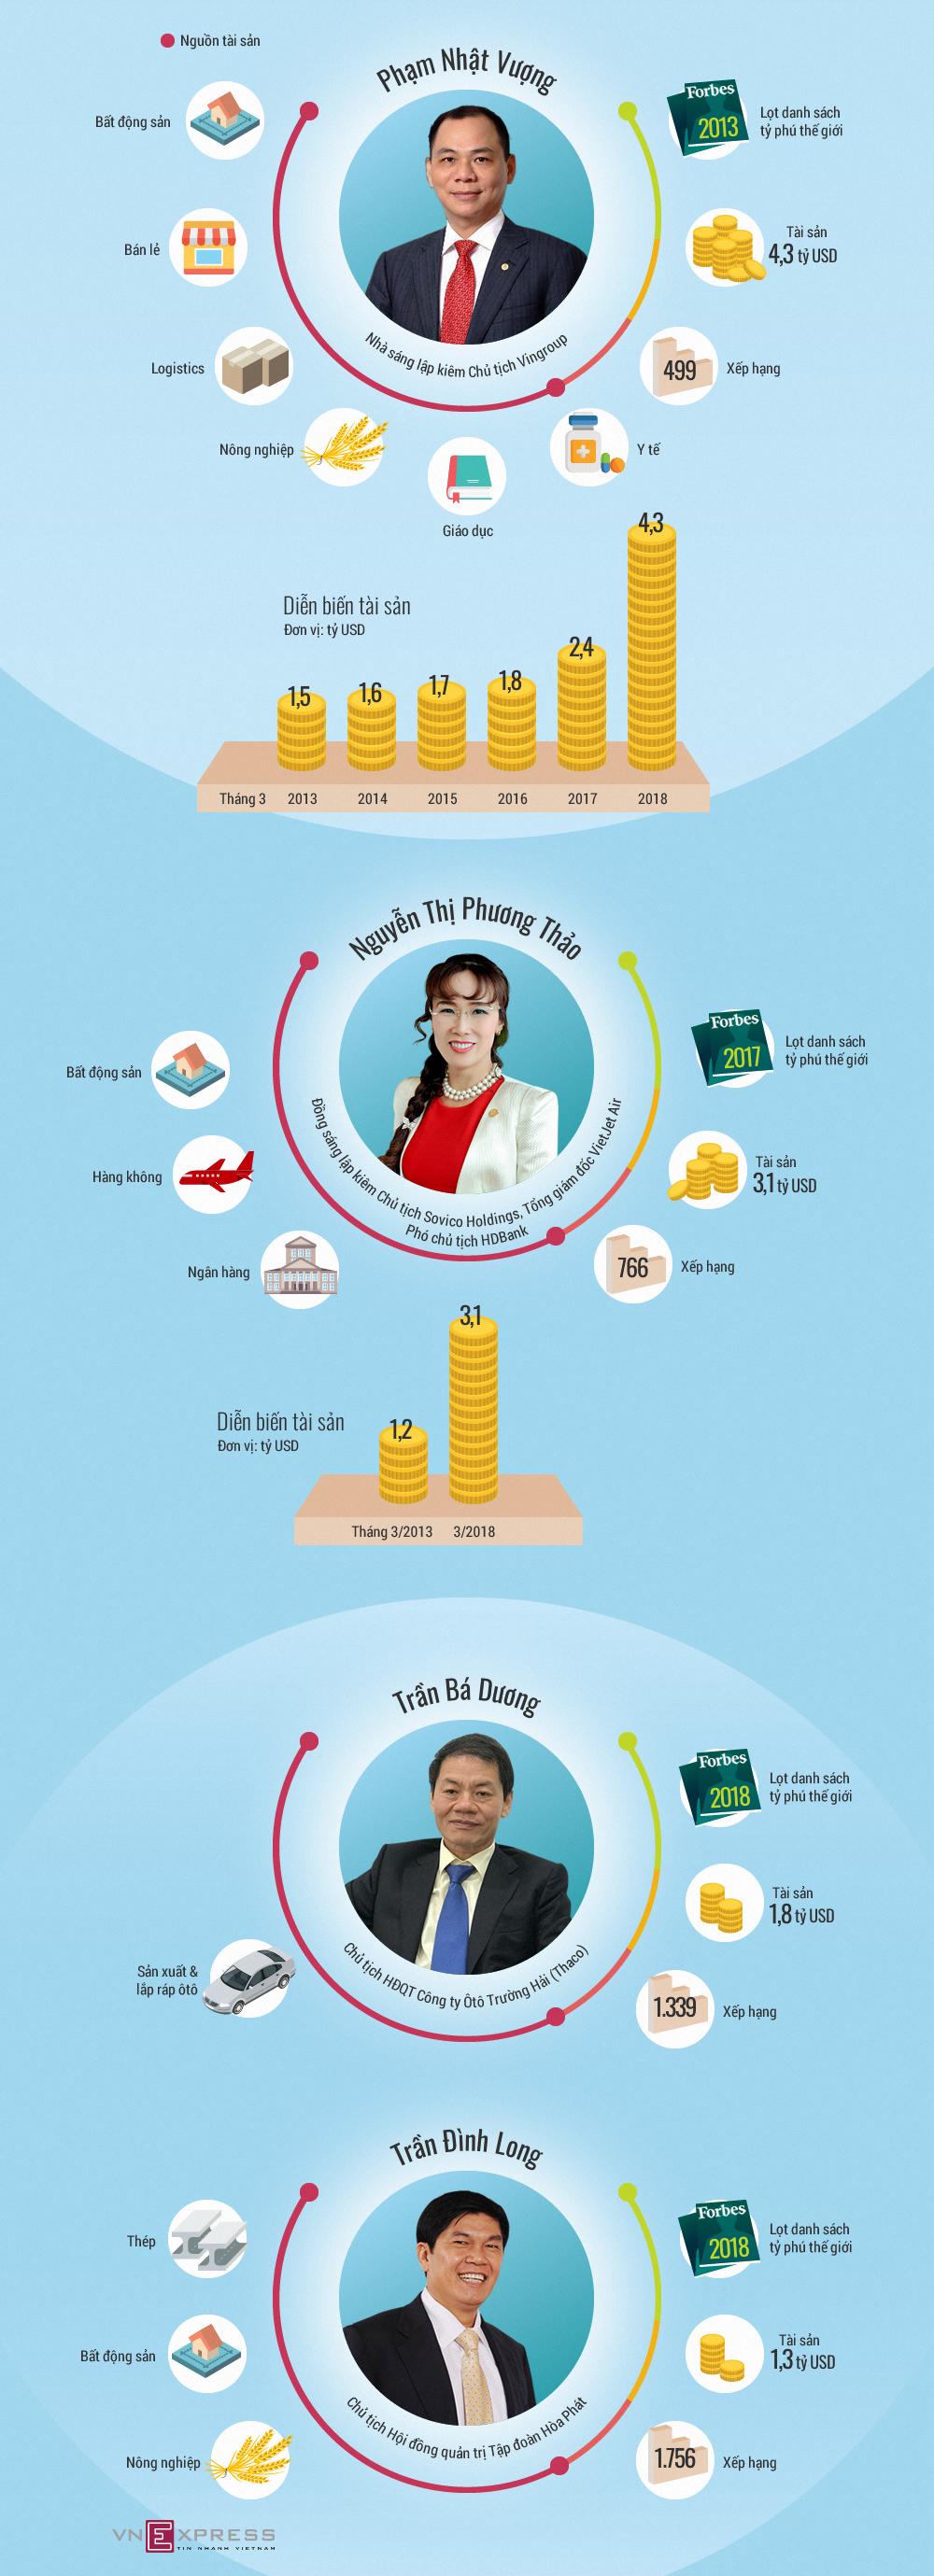 Tài sản của tỷ phú Việt Nam đến từ đâu?